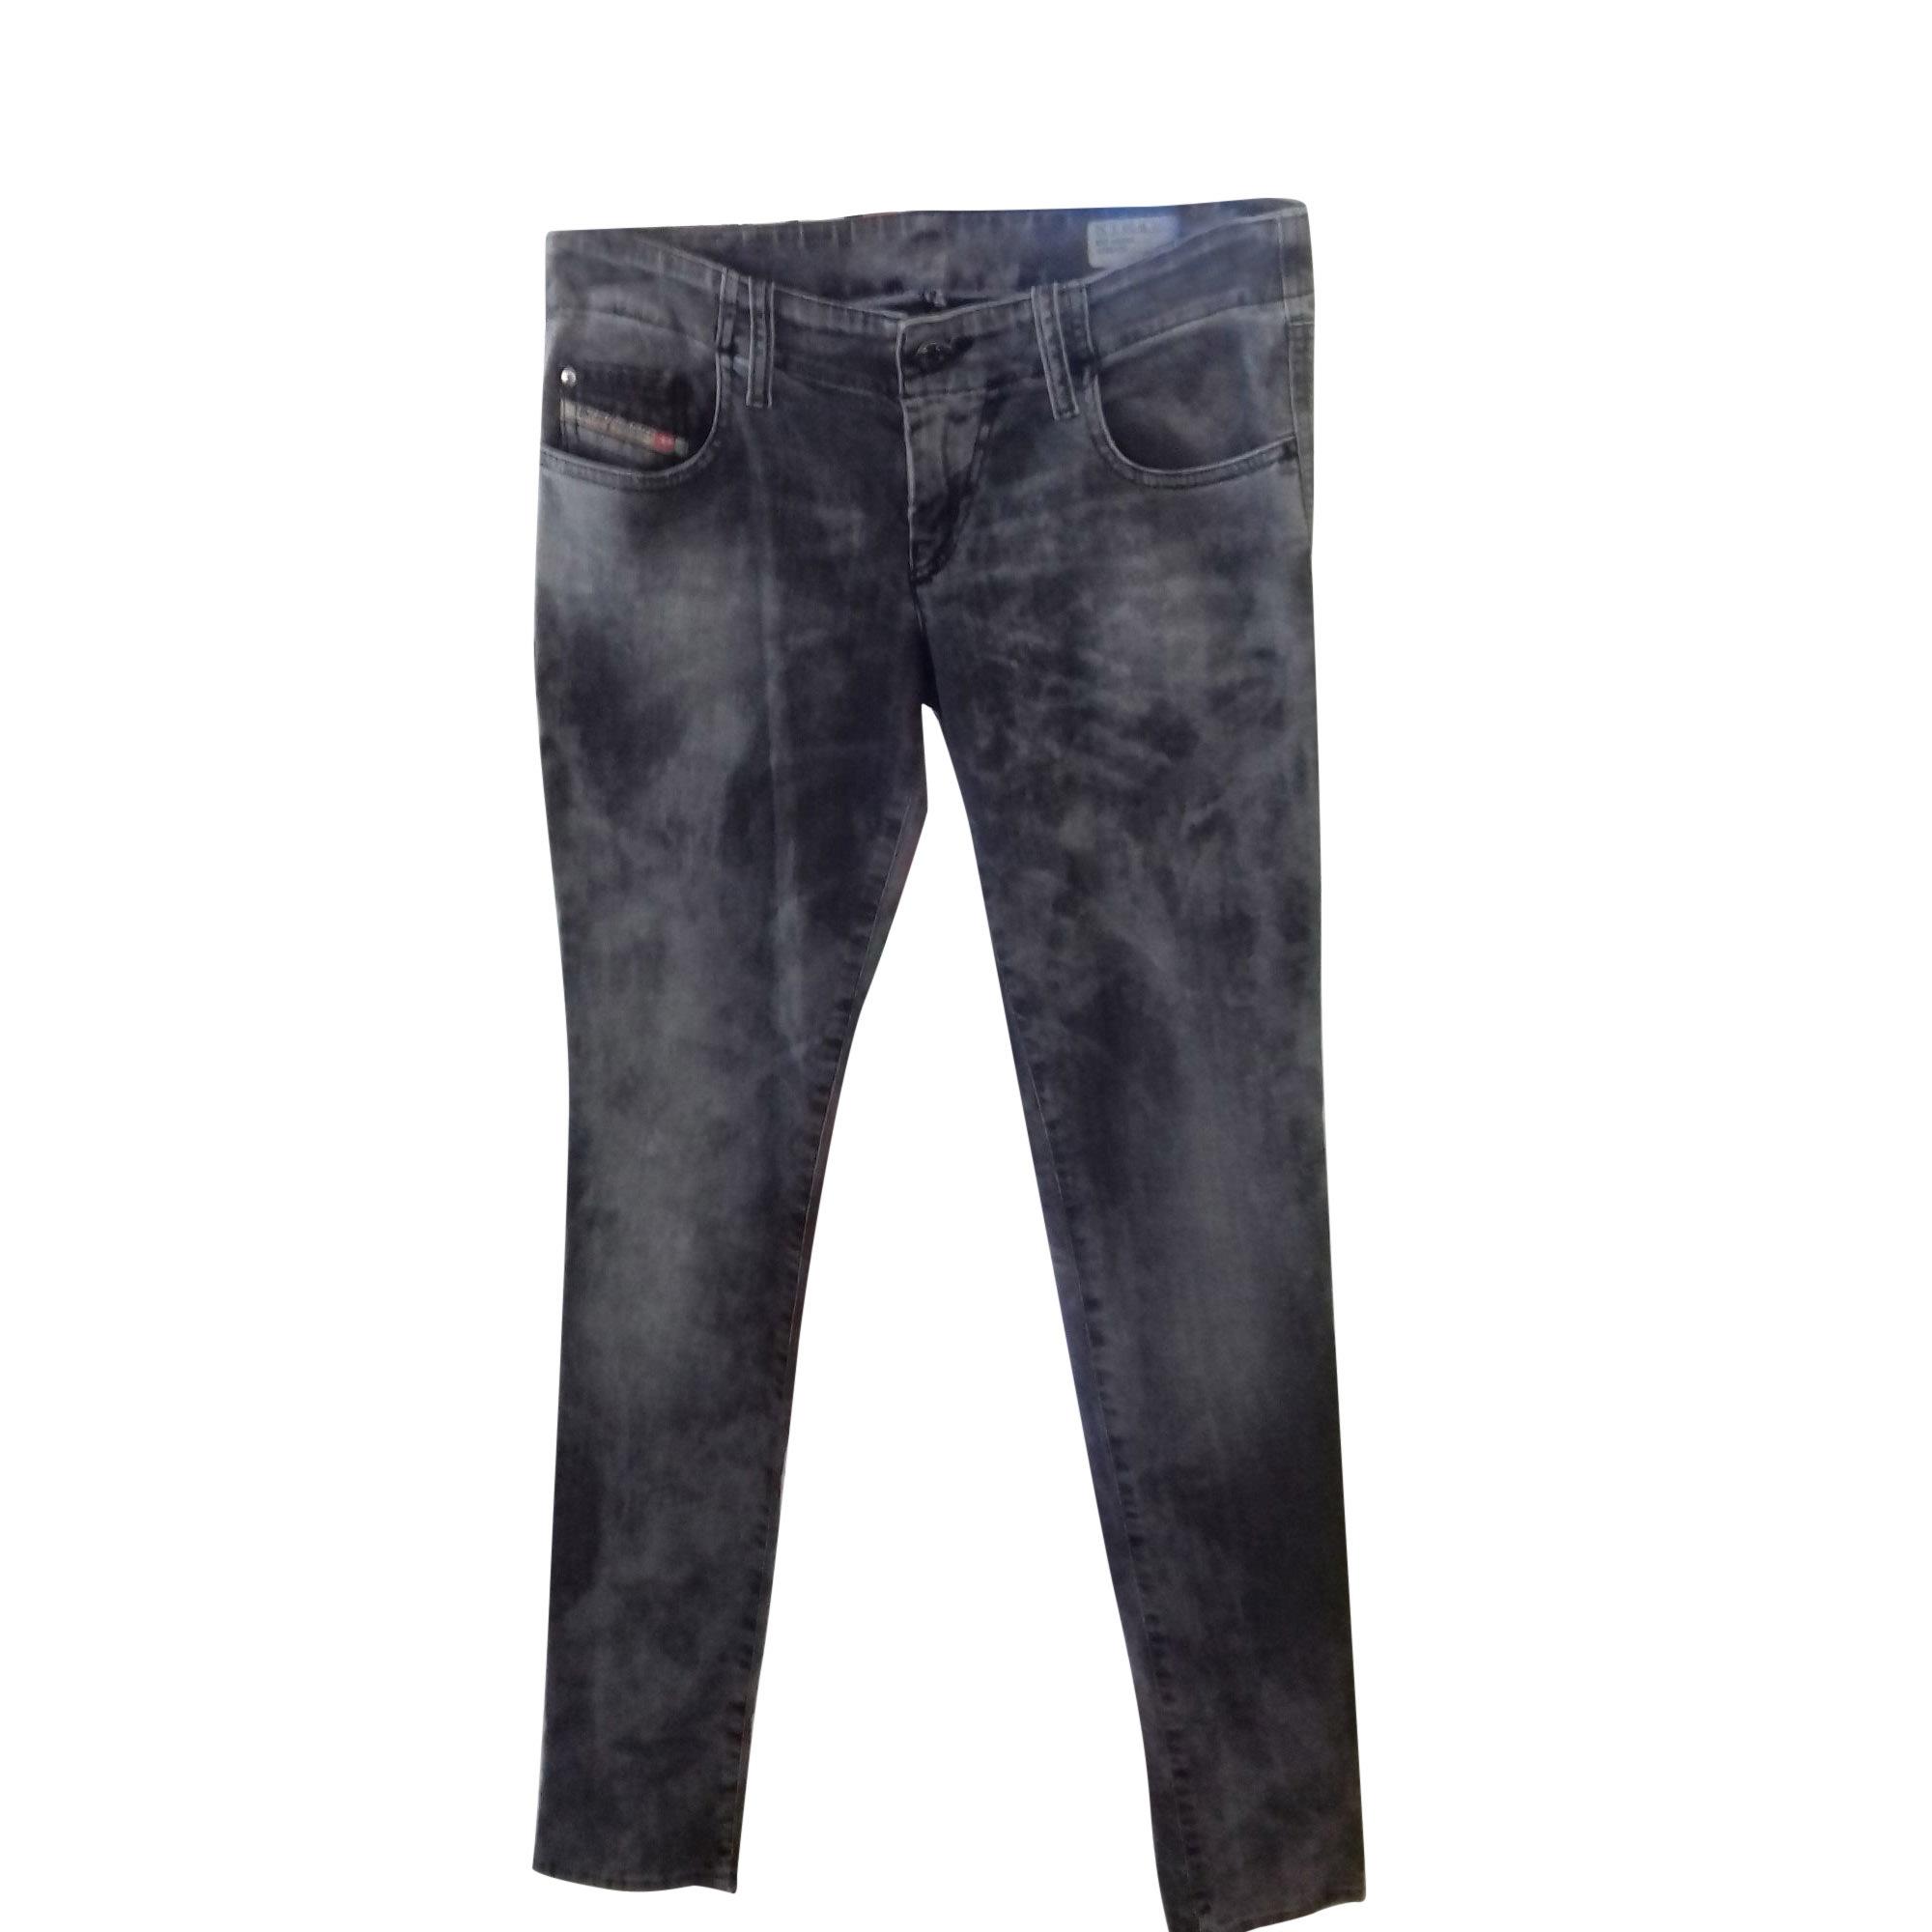 Jeans slim DIESEL Gris, anthracite